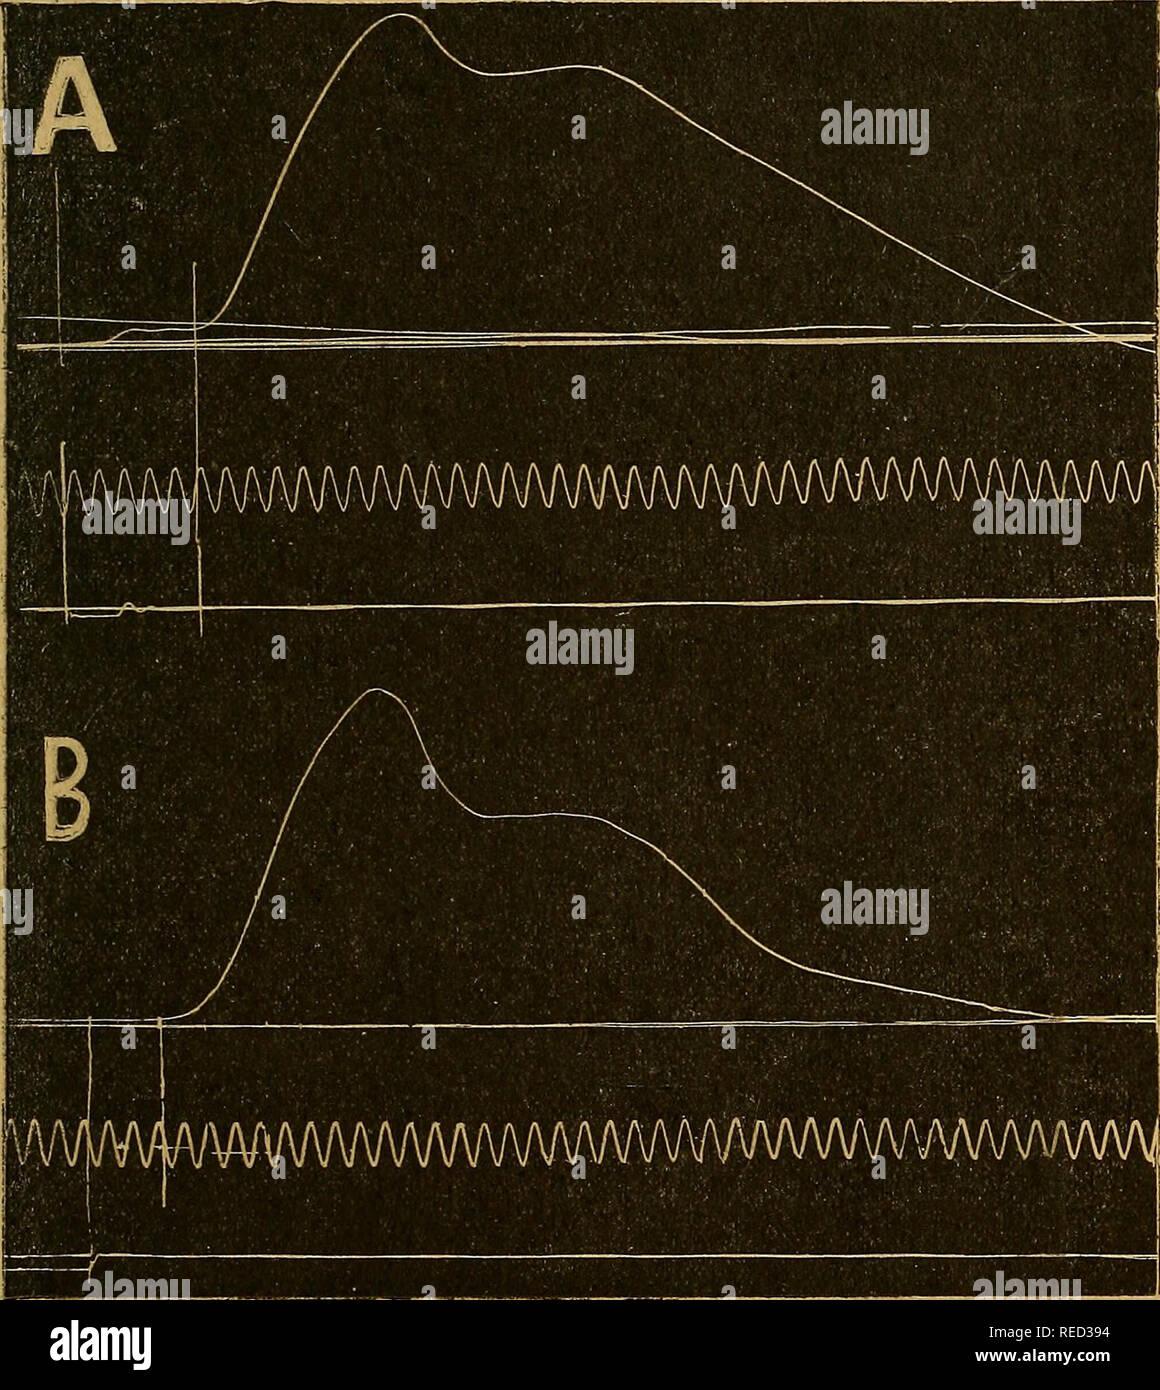 . Comptes rendus des séances de la Société de biologie et de ses filiales. La biologie. (39) SÉANCE DU I MARS 540 l'homme et chez le chien, dans le cas d'activité motrice directe provoquée par l'électrique d'excitation du nerf du muscle ou de son moteur. Chez l'homme, de notre technique a consisté à porter l'excitation faradique sur la cuisse du sujet, soit par le bouton même du myo-. Fig. i. Homme: A. Gonflement du quadriceps par choc rotulien. B. Gon- flement du muscle même électrique d'excitation par point du moteur du vaste externe. graphe, soit par une électrode exploratrice distincte, Banque D'Images